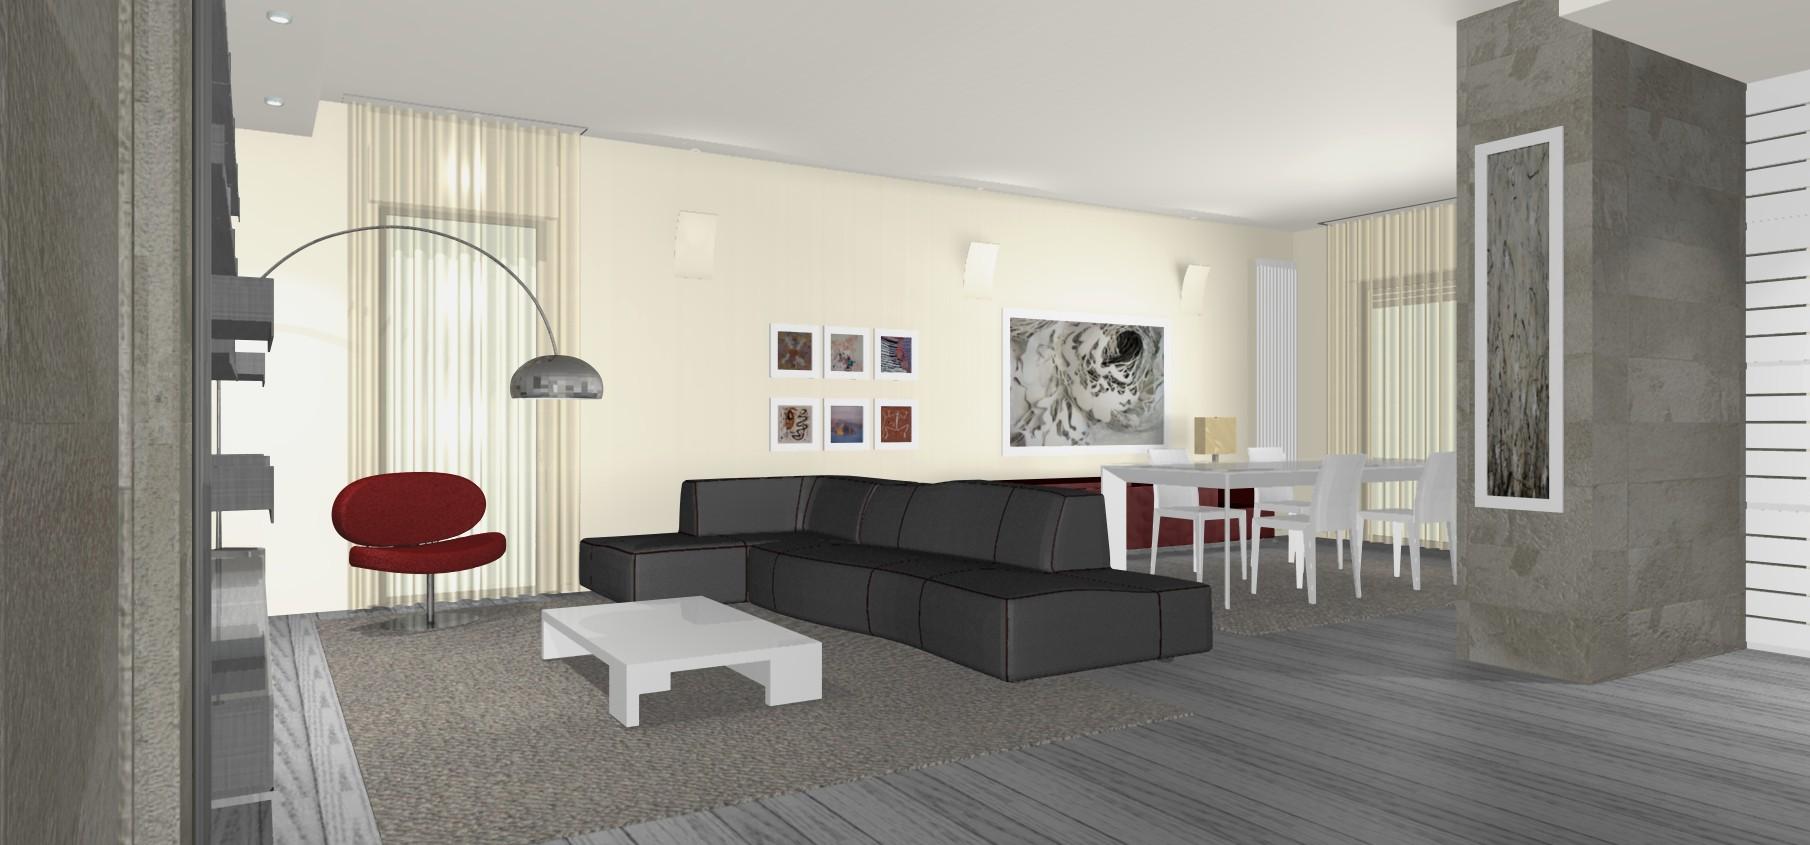 Design e modernit a Roma  Architetto Facile